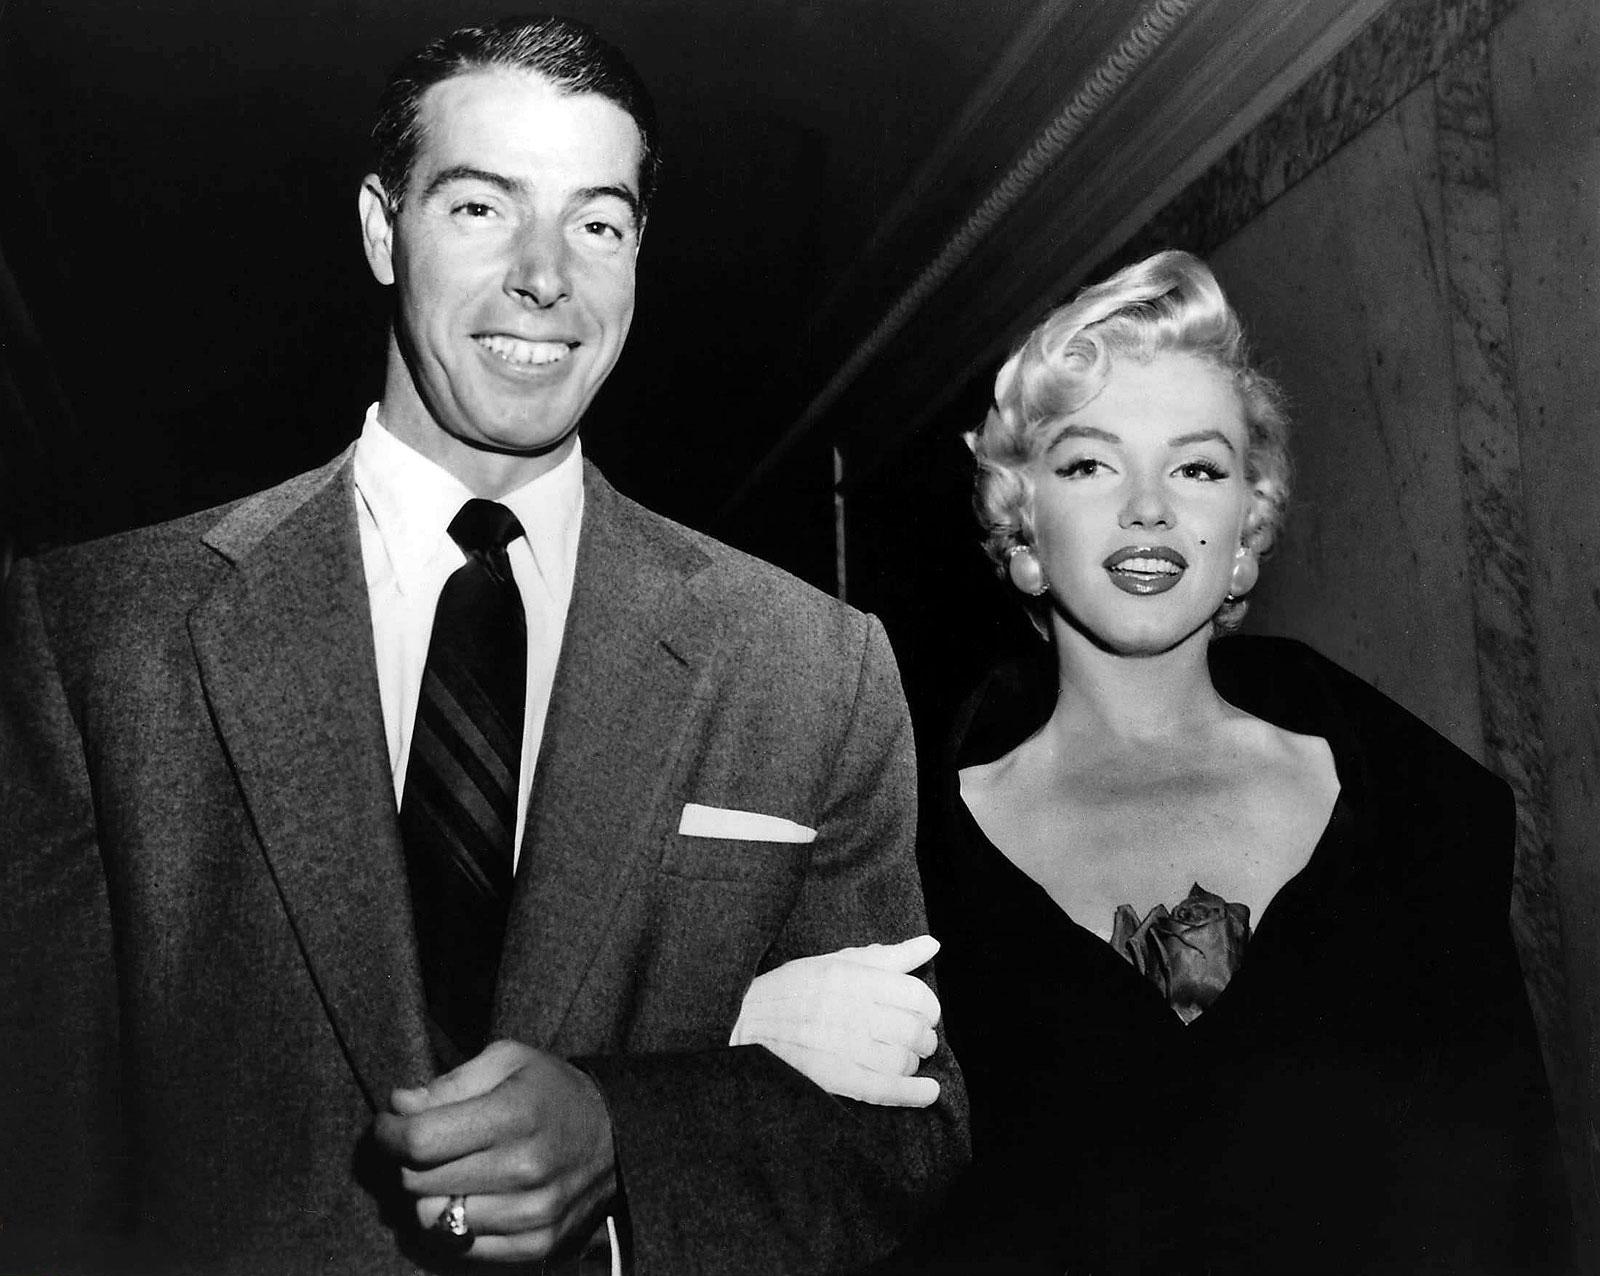 http://4.bp.blogspot.com/-bPUR74tDkdI/TnxaSyxy8DI/AAAAAAAALOM/gJRoG8xWEuA/s1600/Joe-Dimaggio-and-Marilyn-Monroe.jpg